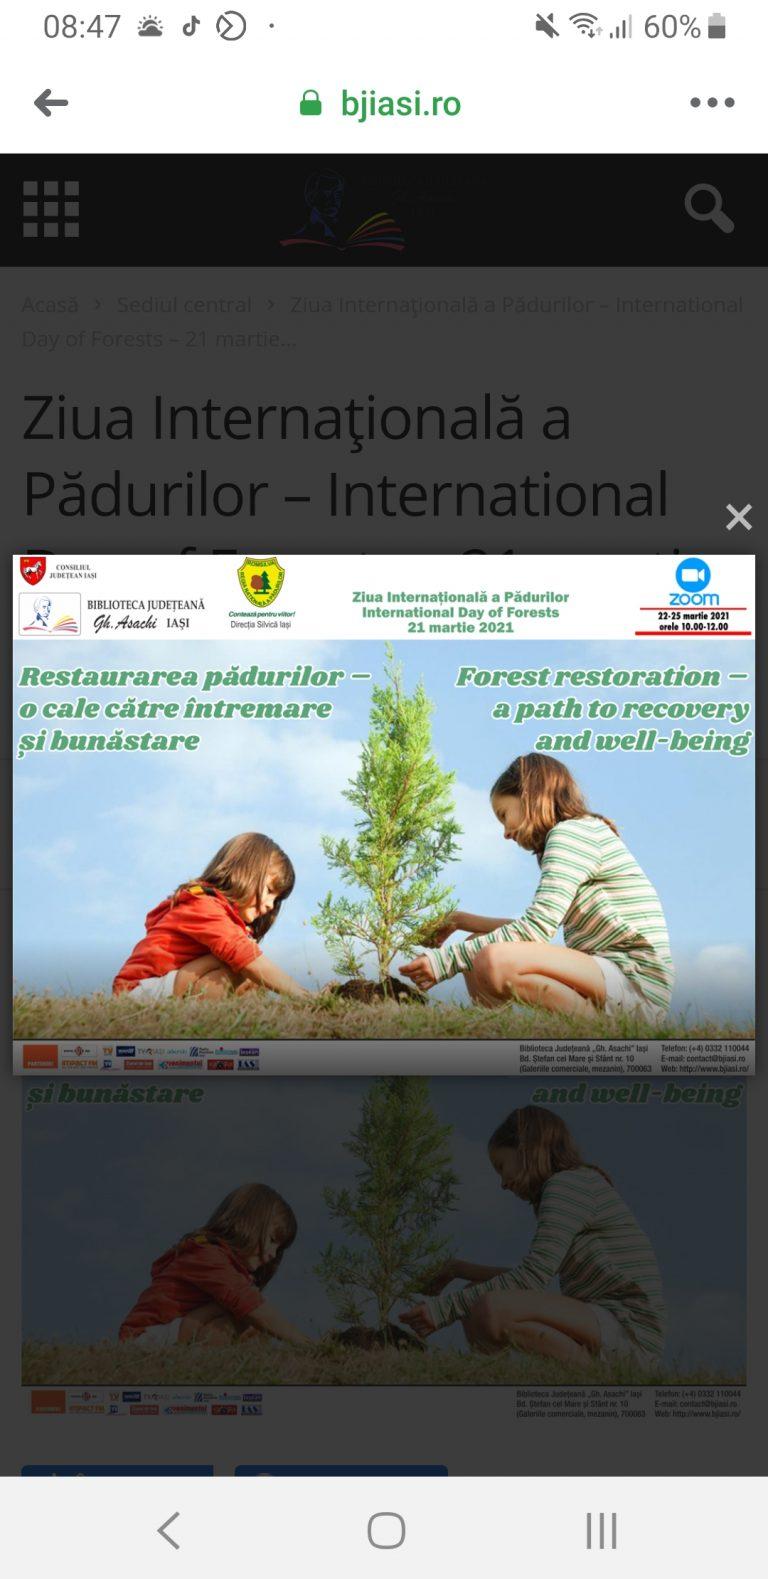 """""""Restaurarea pădurilor – o cale către întremare și bunăstare"""" -Ziua Internațională a Pădurii"""